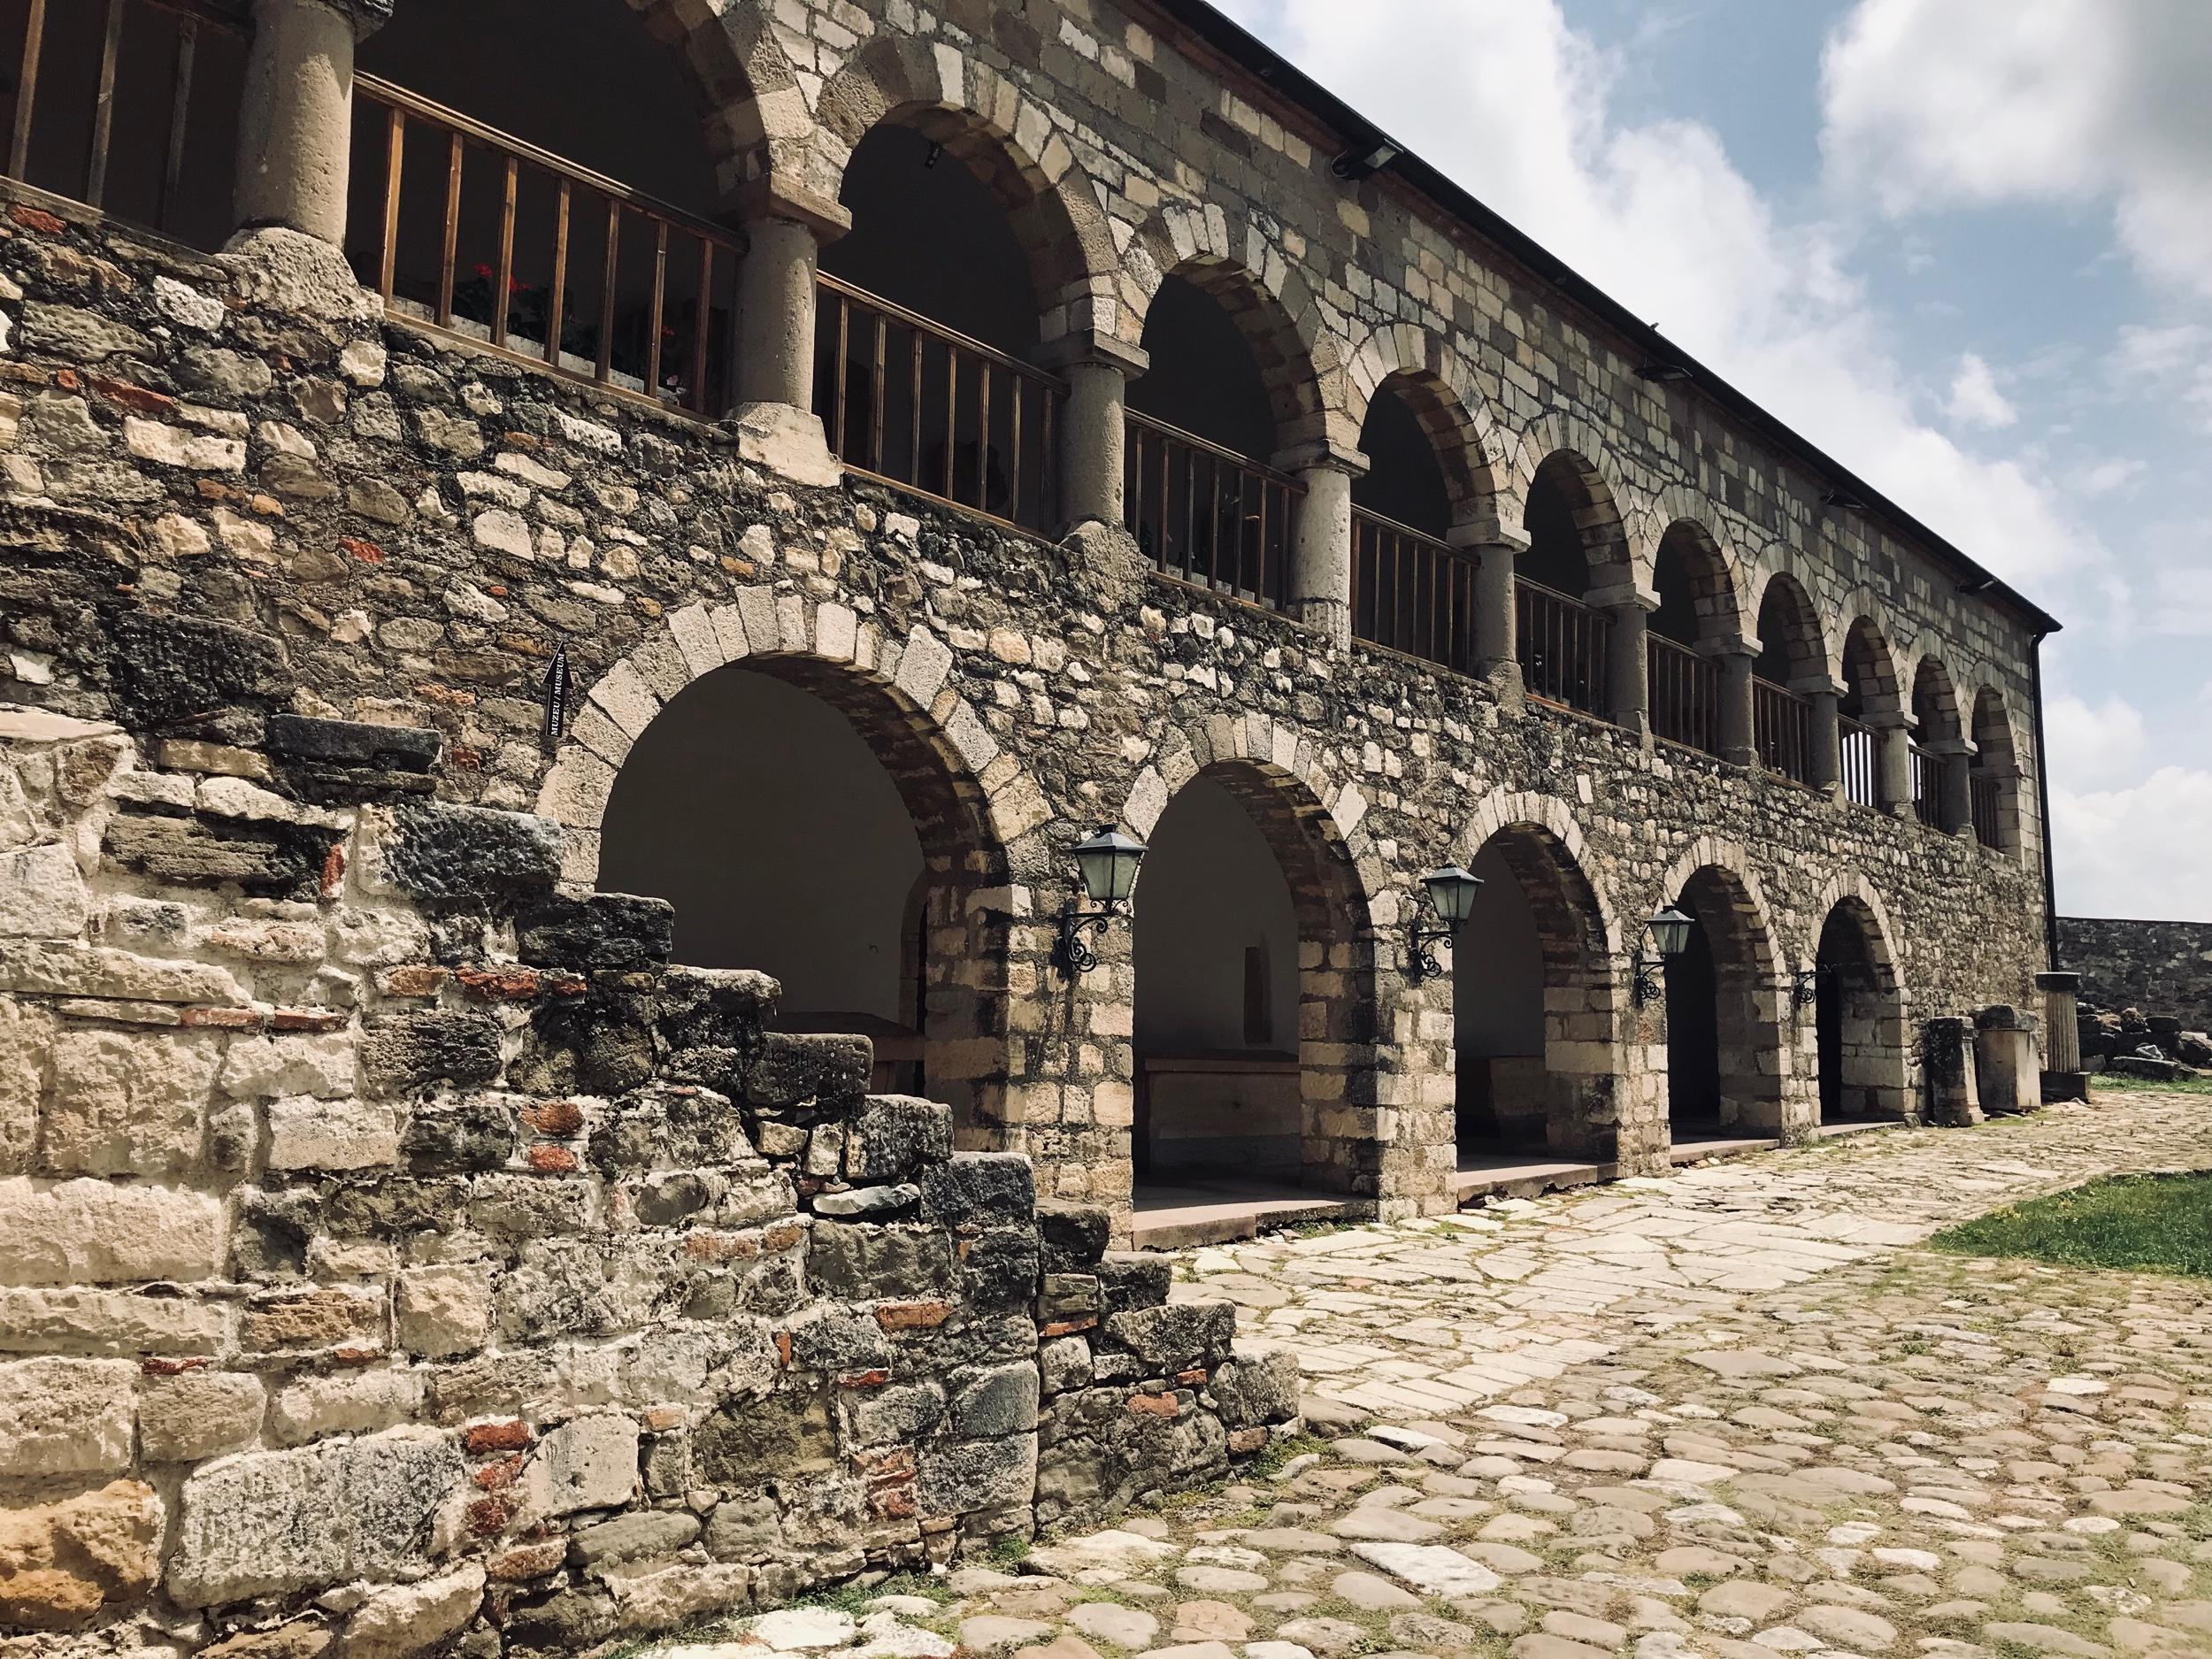 Alueen museorakennus, jossa esillä kattavasti kaivauksilta löytyneitä muinaisia tavaroita. Kuva: Mirva Rannisto.